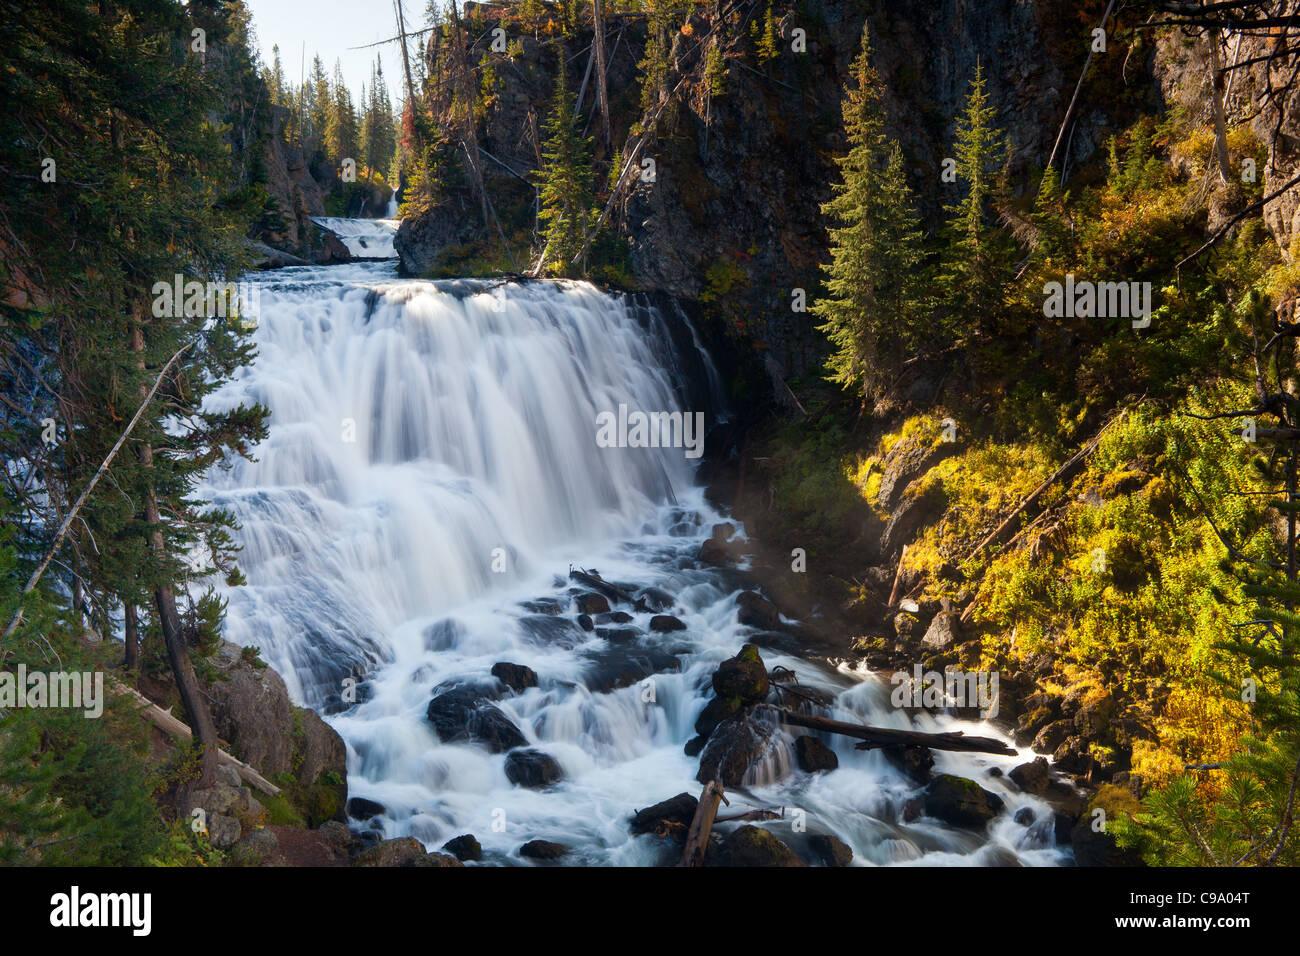 Kepler cascades sont sur la firehole river in Yellowstone National Park. ils laissent tomber plus de 150 pieds, Banque D'Images